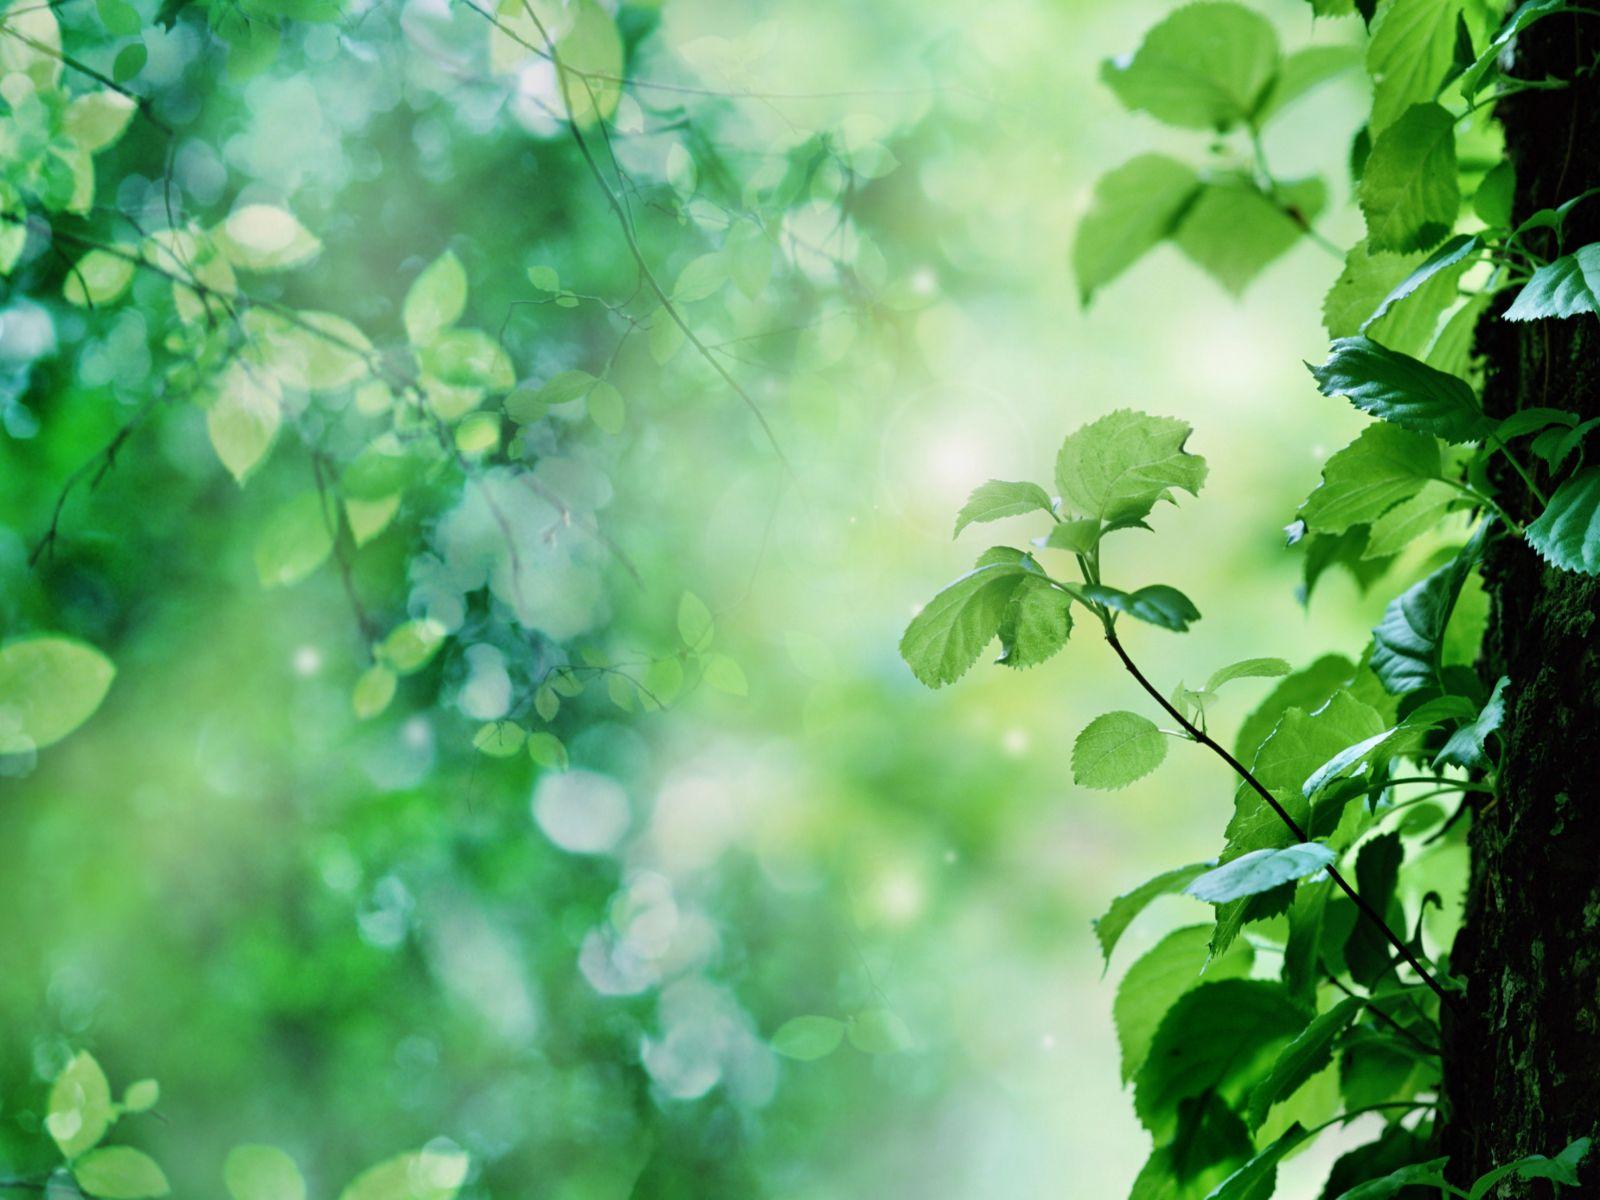 Limpieza de origen verde